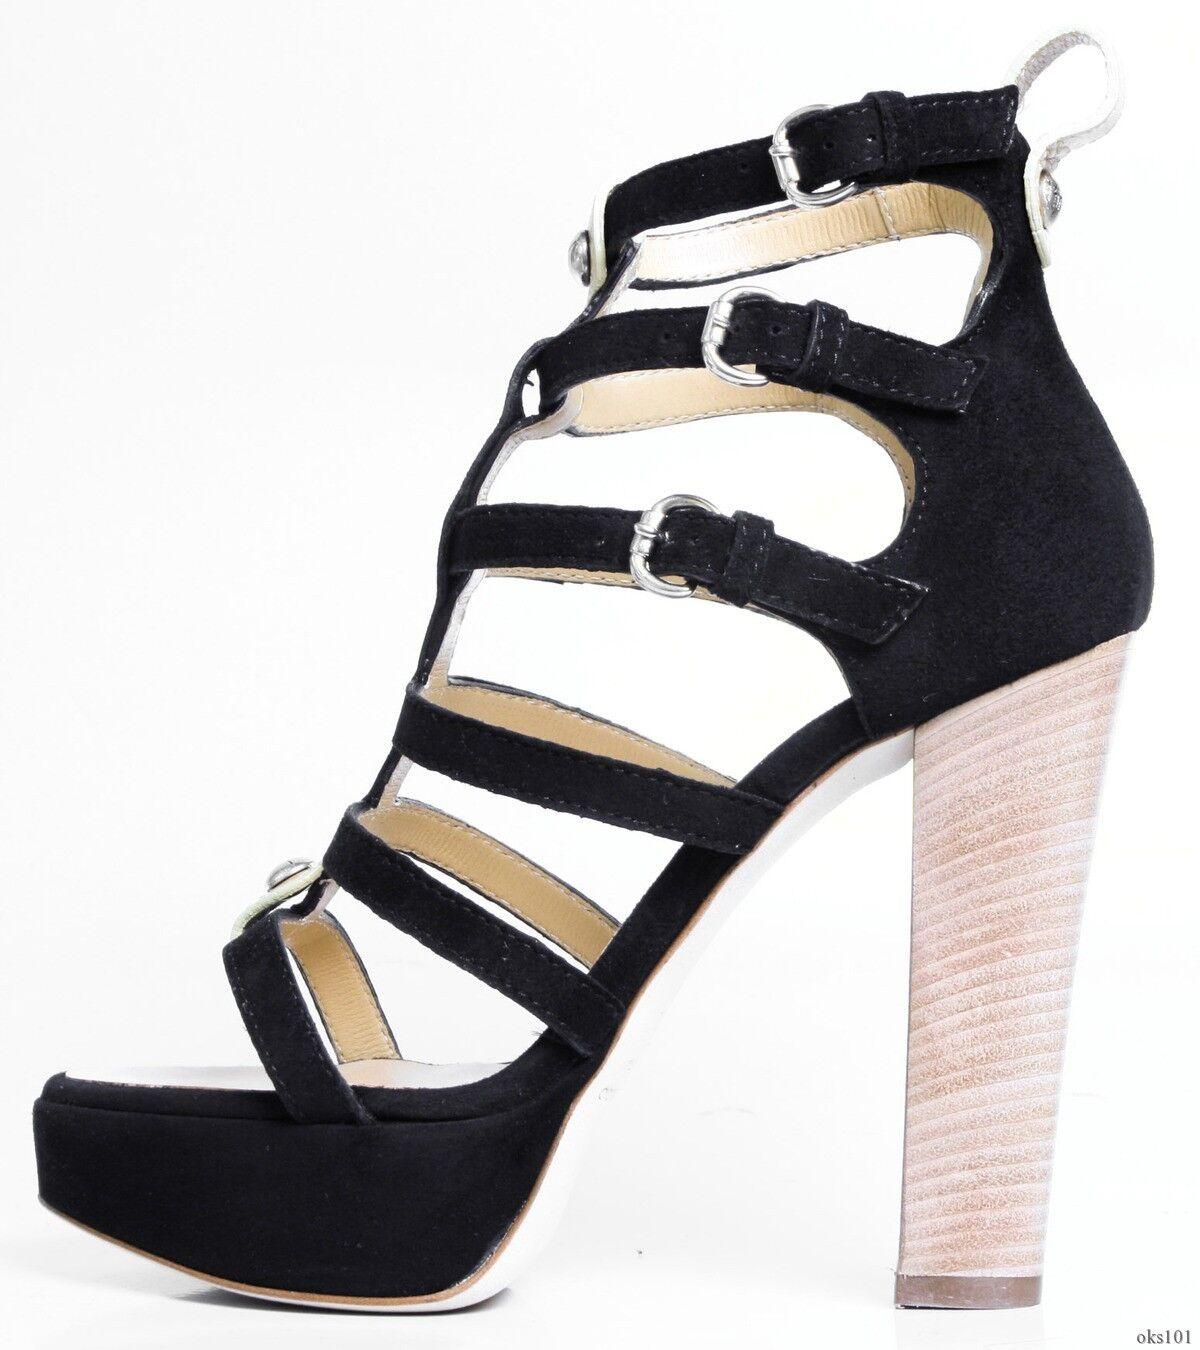 promozioni di squadra New  795 Giuseppe ZANOTTI nero nero nero suede GLADIATOR platforms open-toe scarpe - SEXY  vendita scontata